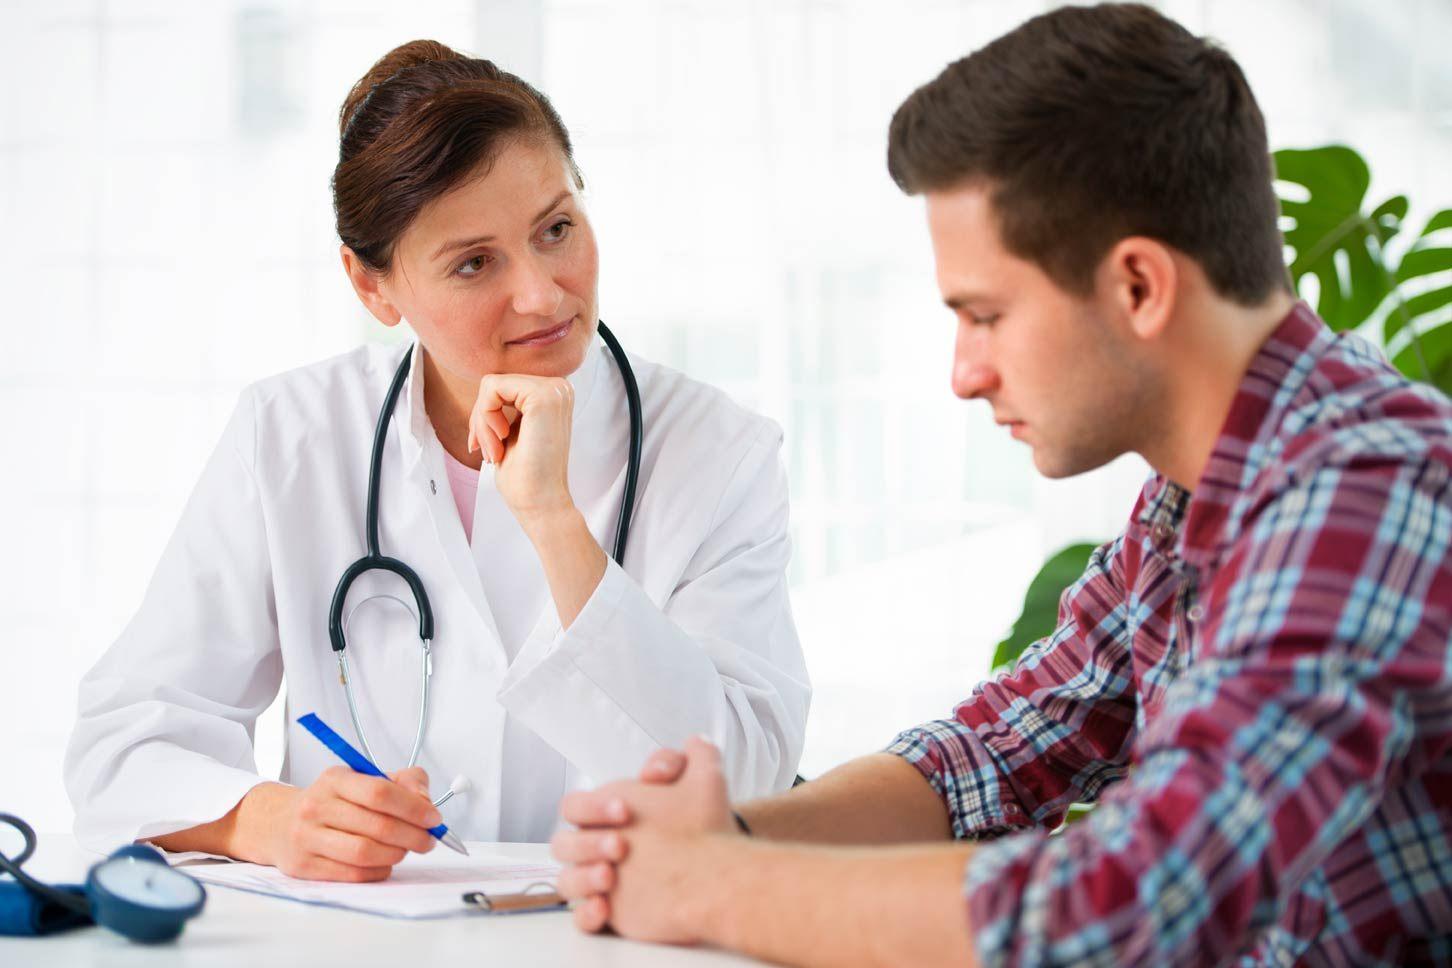 Врачебная помощь по медицинской страховке